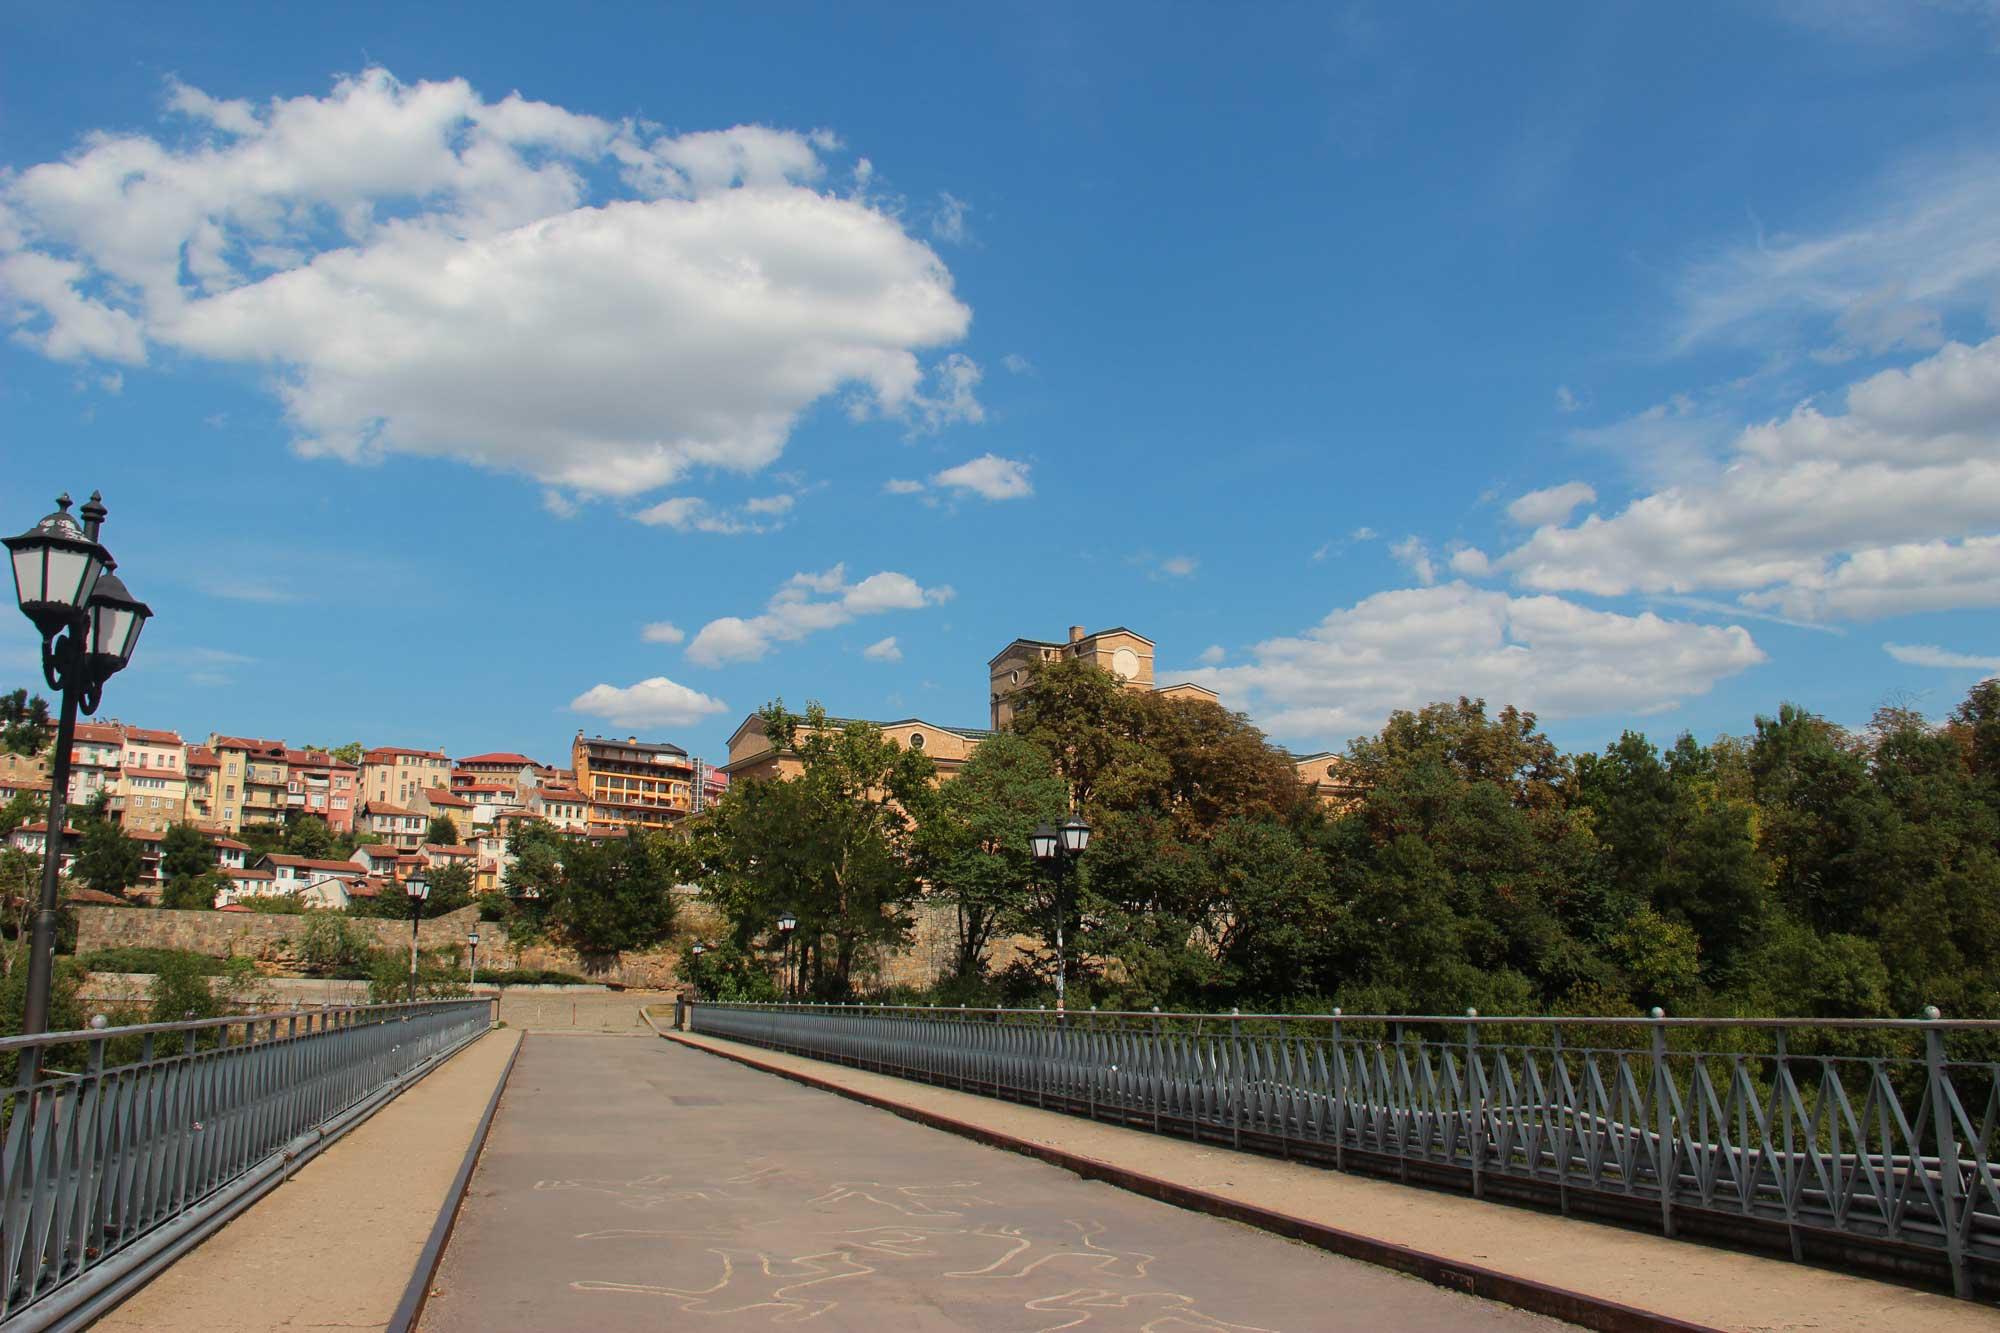 красочный мост через реку тырново